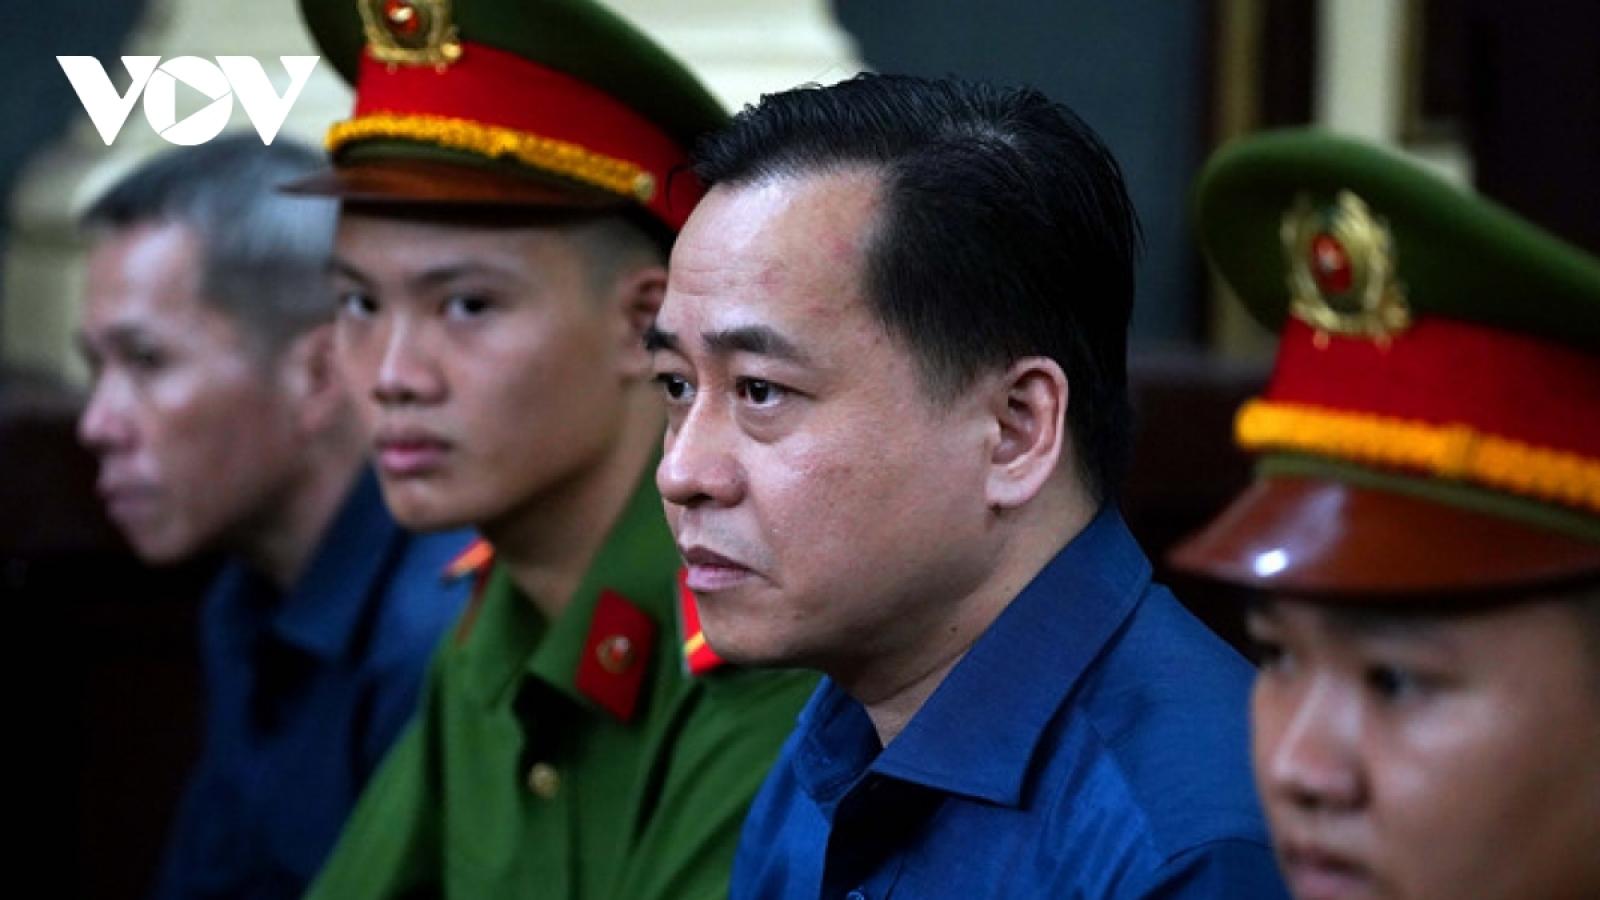 Bị can Nguyễn Duy Linh nhận hối lộ 5 tỷ đồng từ Phan Văn Anh Vũ